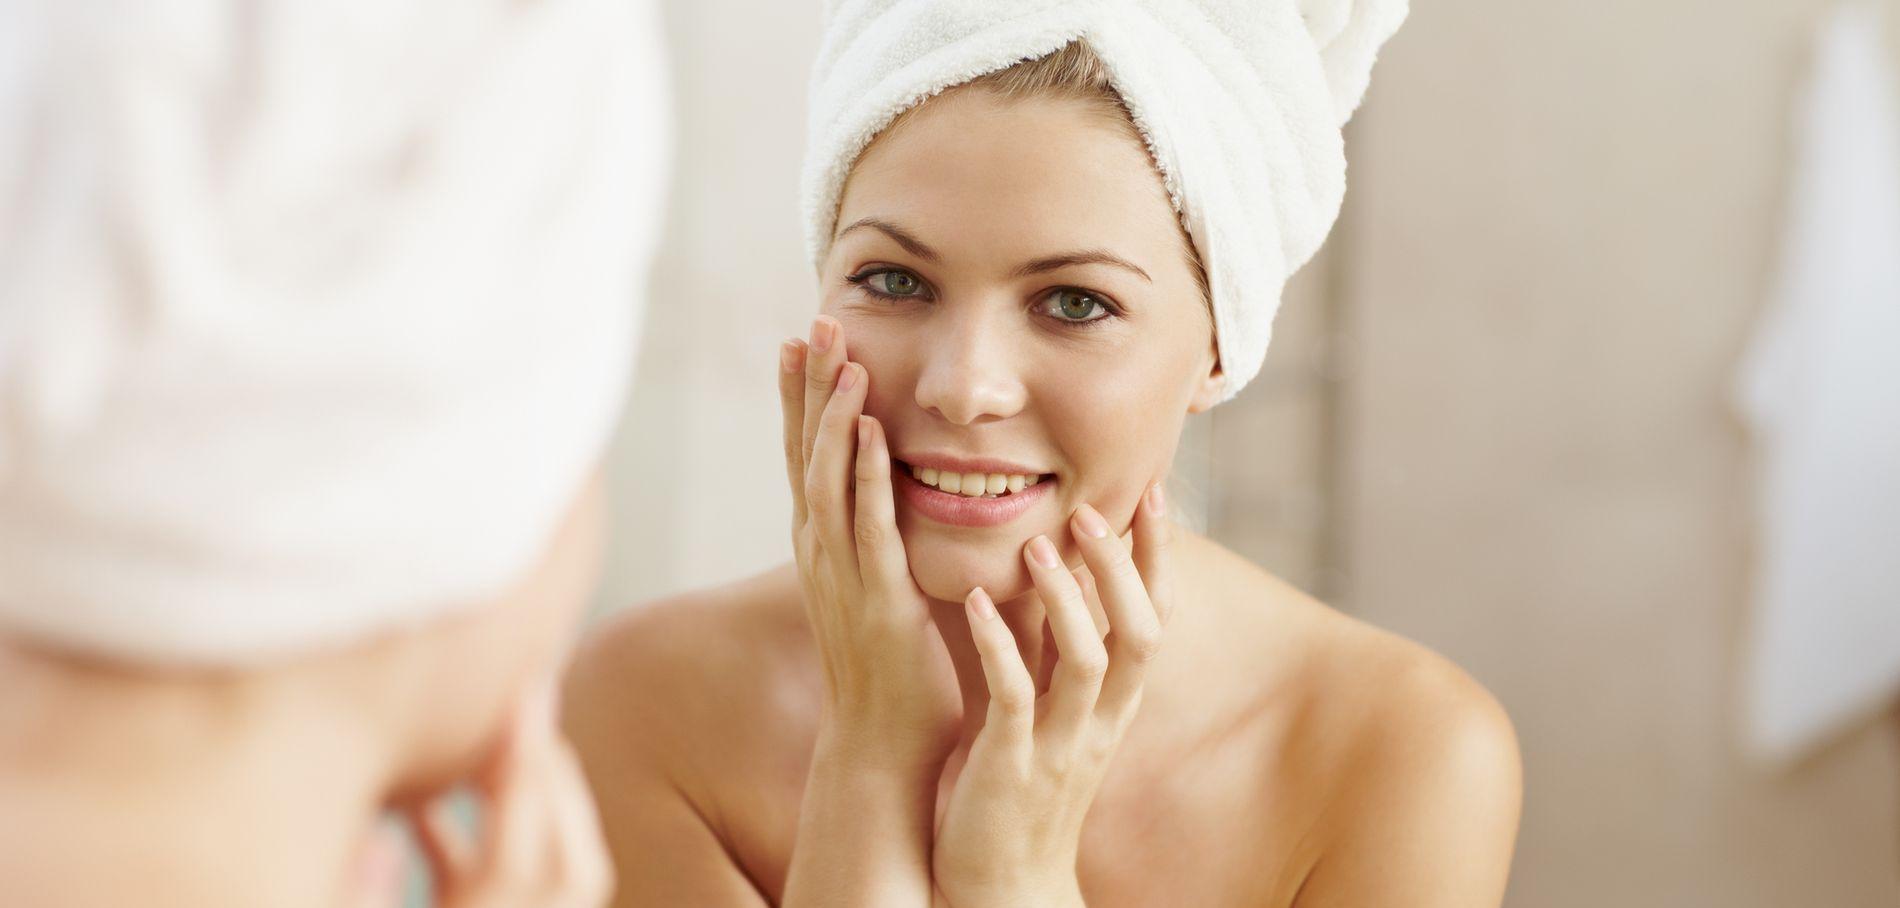 Prenez soin de votre peau au quotidien